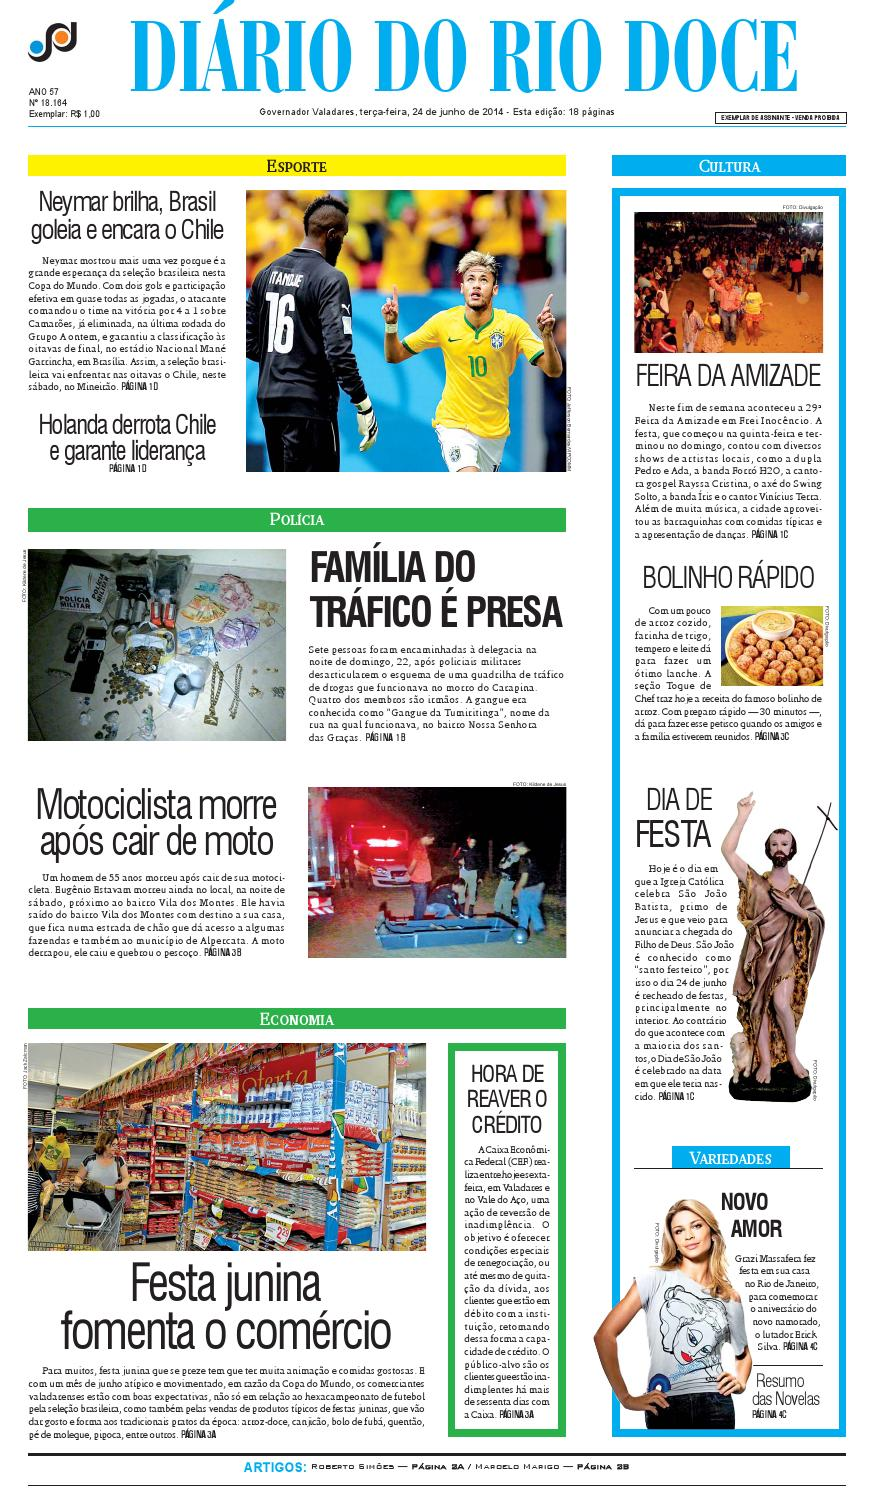 Diário do Rio Doce - Edição de 24 06 2014 by Diário do Rio Doce - issuu de0f81792dbd7